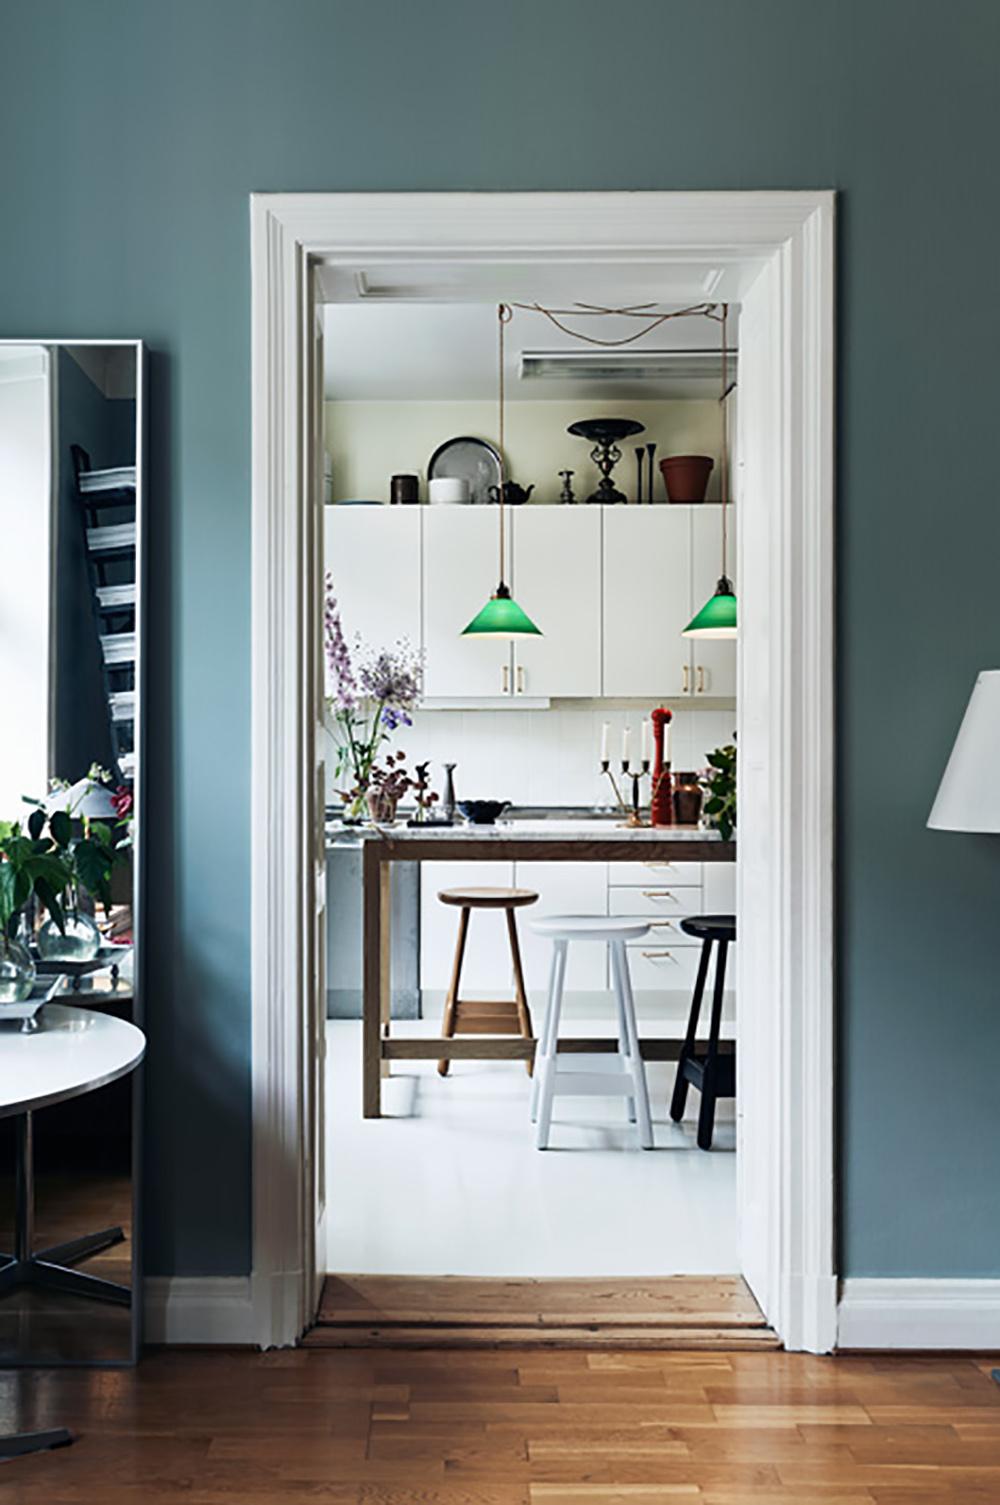 evigt inspirerande daniella witte. Black Bedroom Furniture Sets. Home Design Ideas